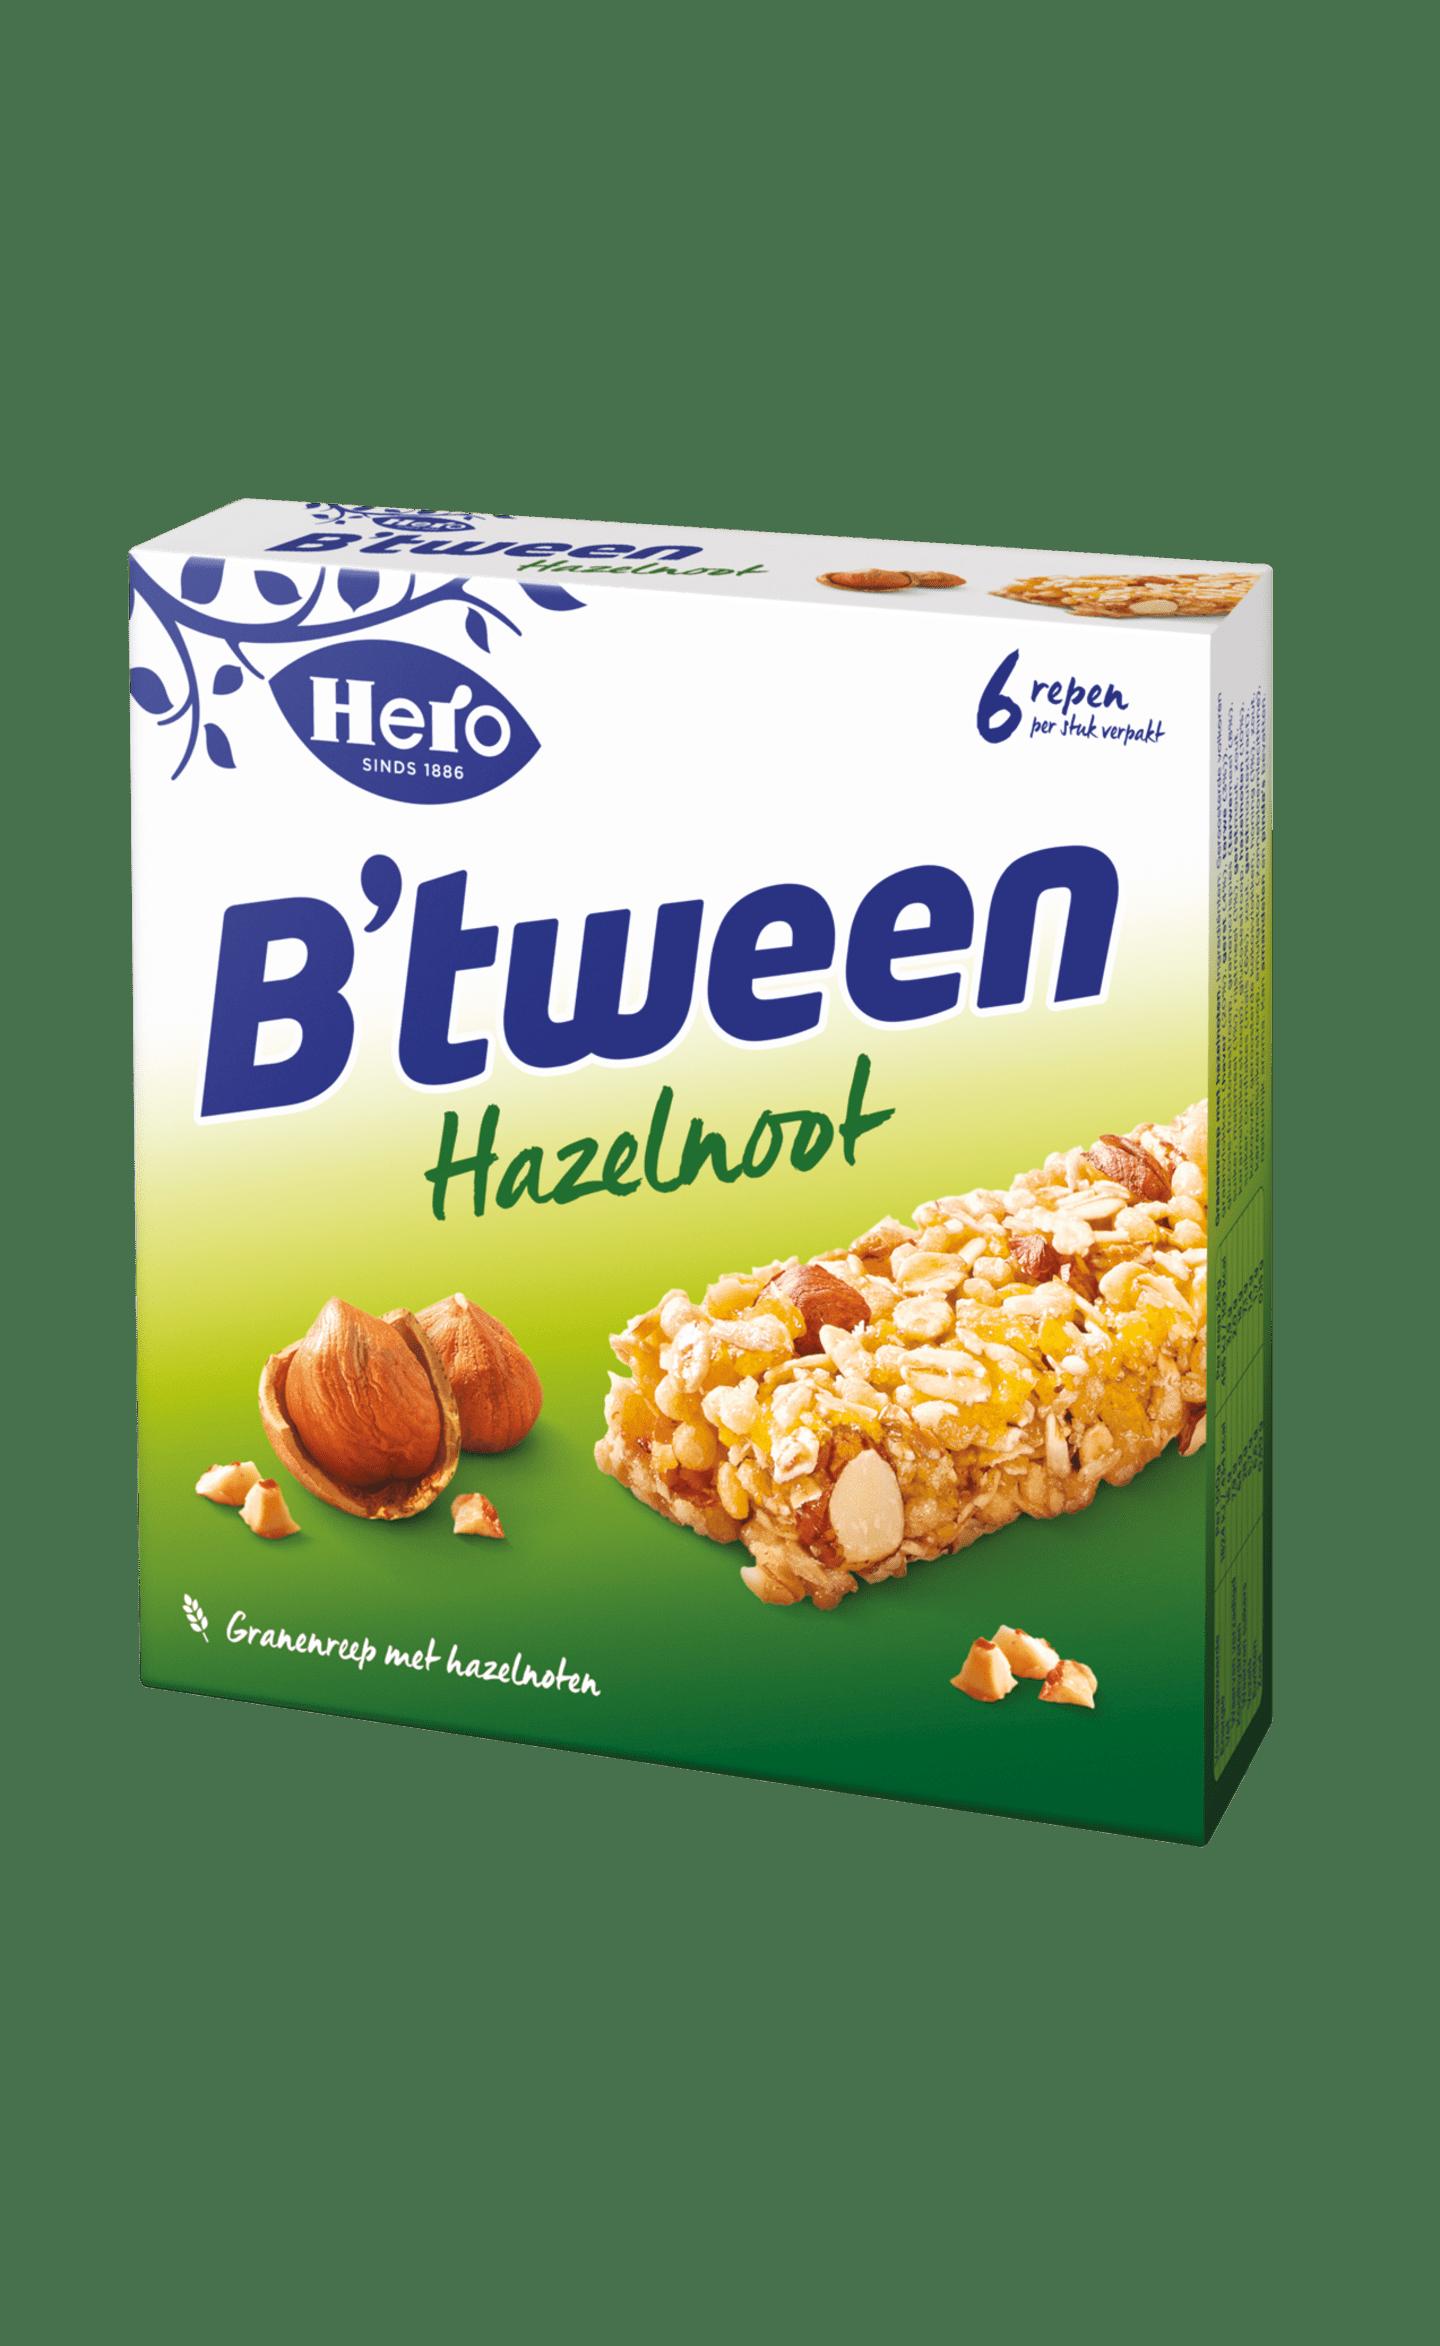 B'tween Hazelnoot 6x25g_1600x1600.png